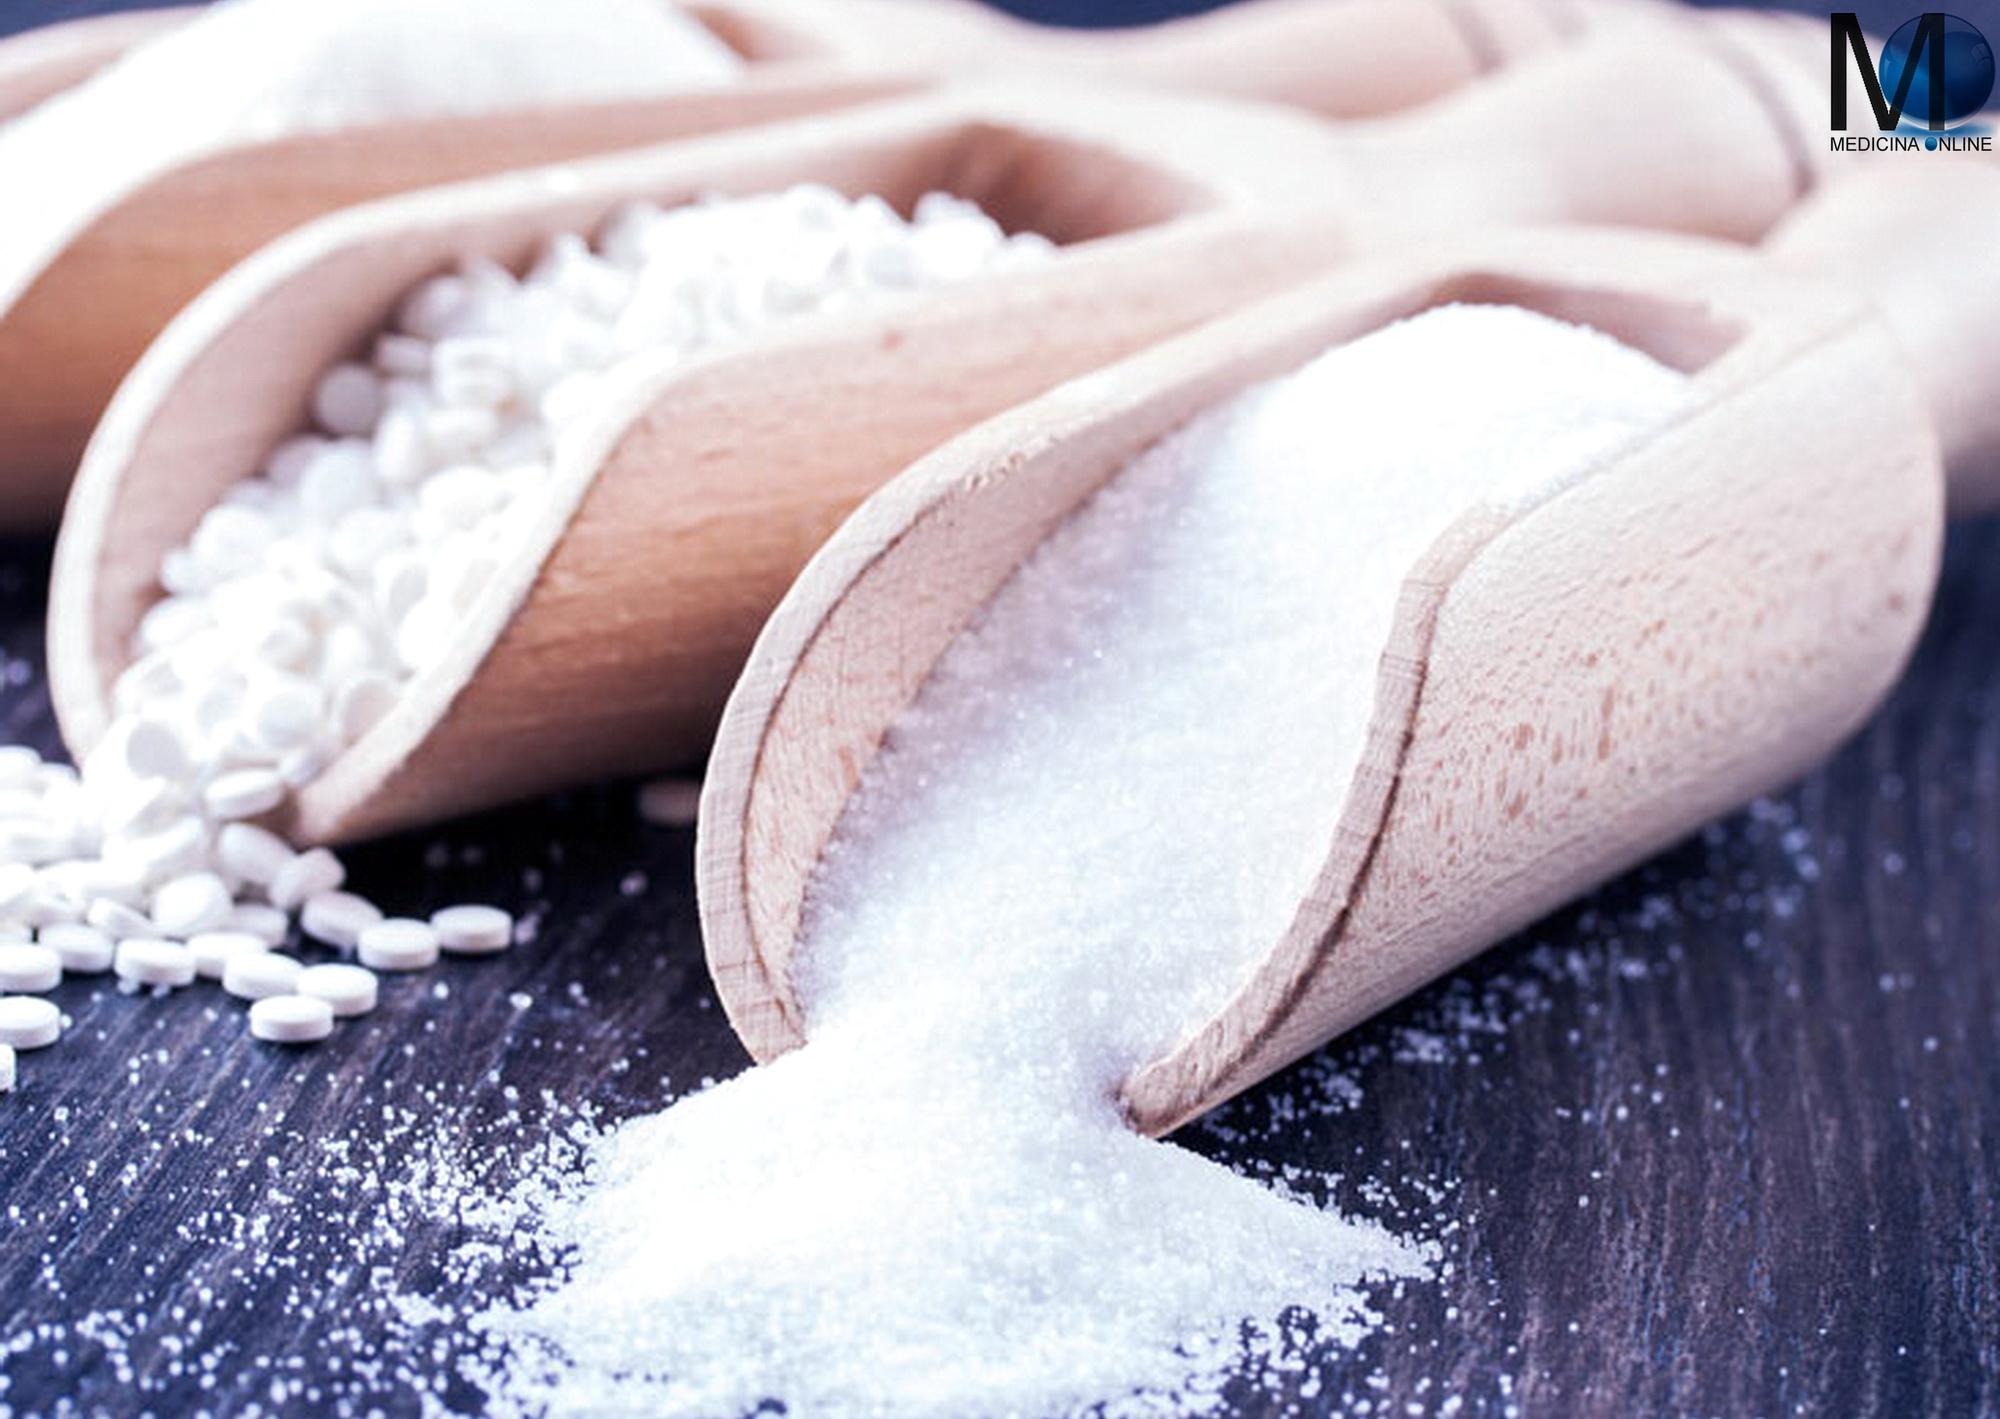 zucchero di canna e salute della prostata